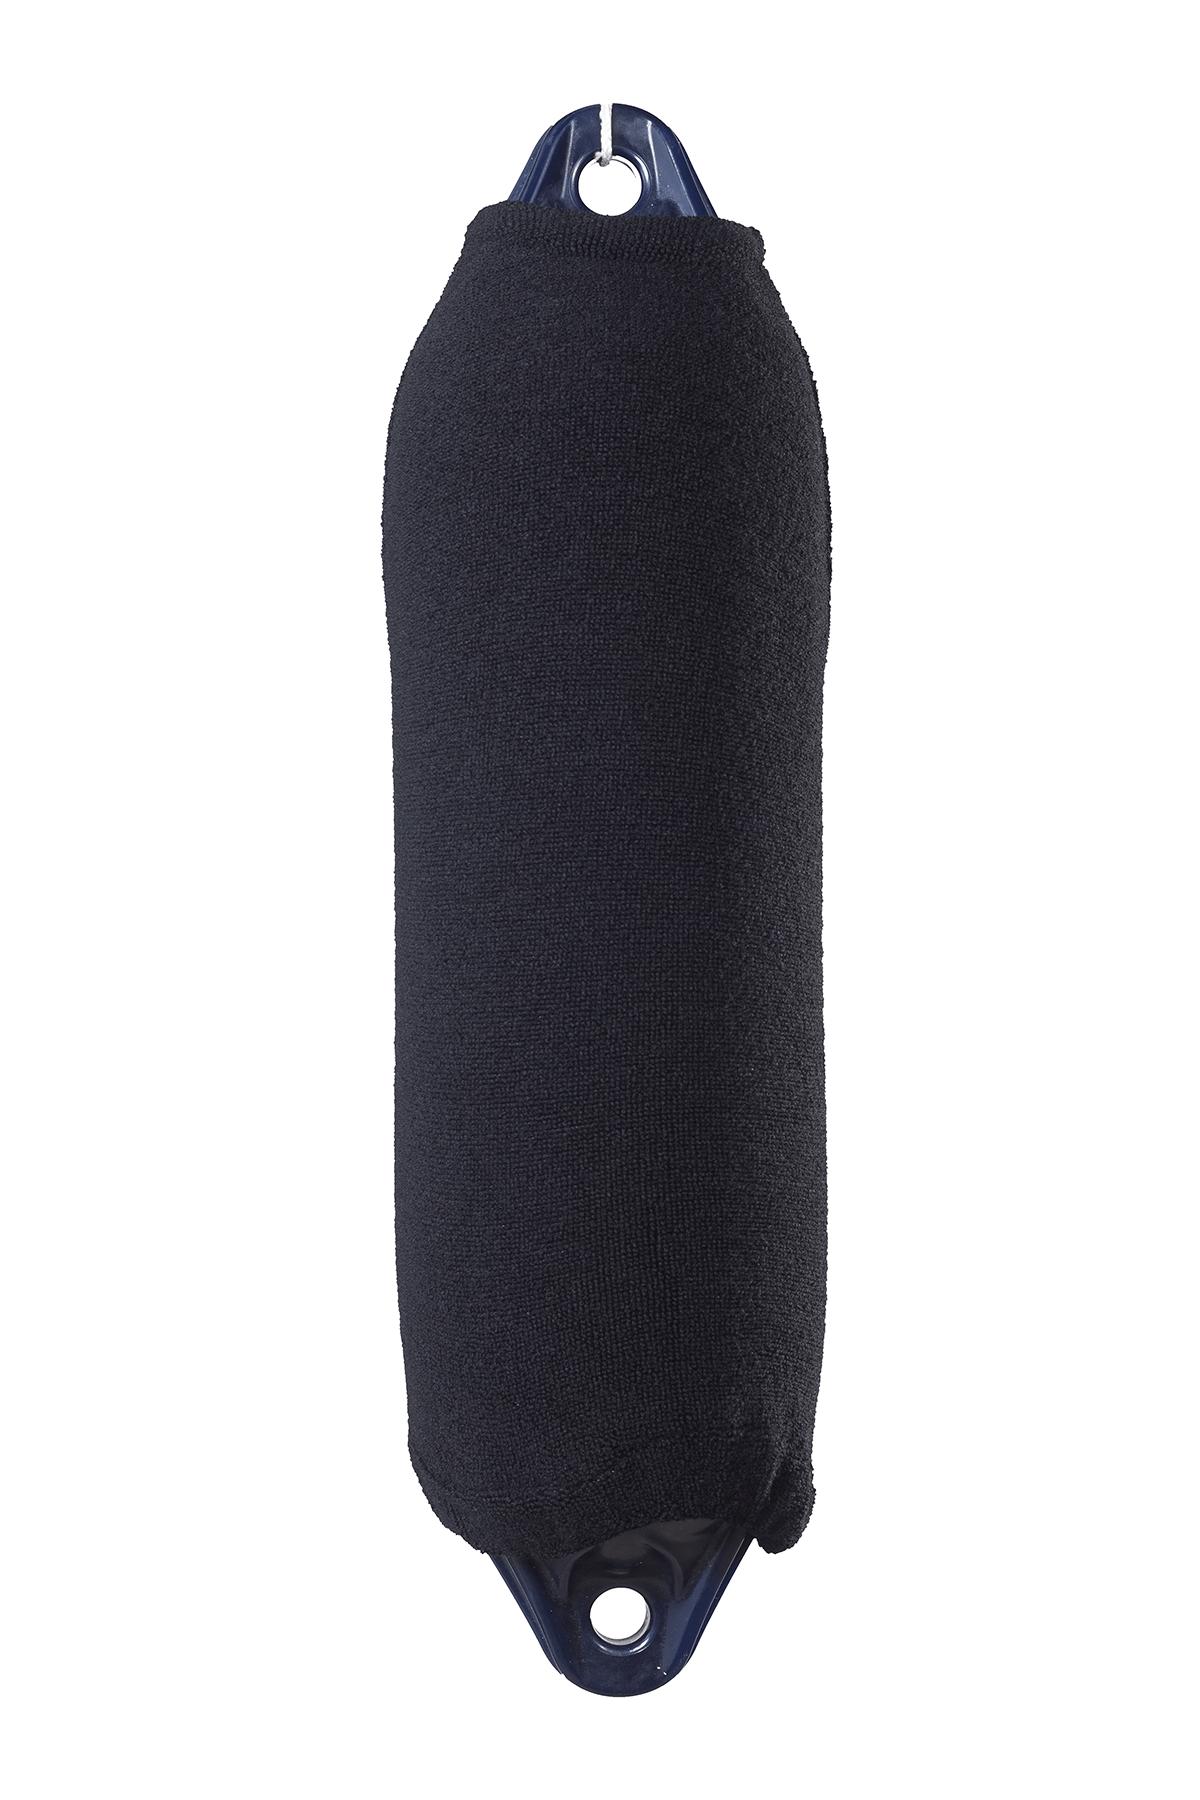 22.96 - Καλύμματα Μακρόστενων Μπαλονιών 63cm Χρώματος Μαύρου - Σετ Των 2 Τεμαχίων